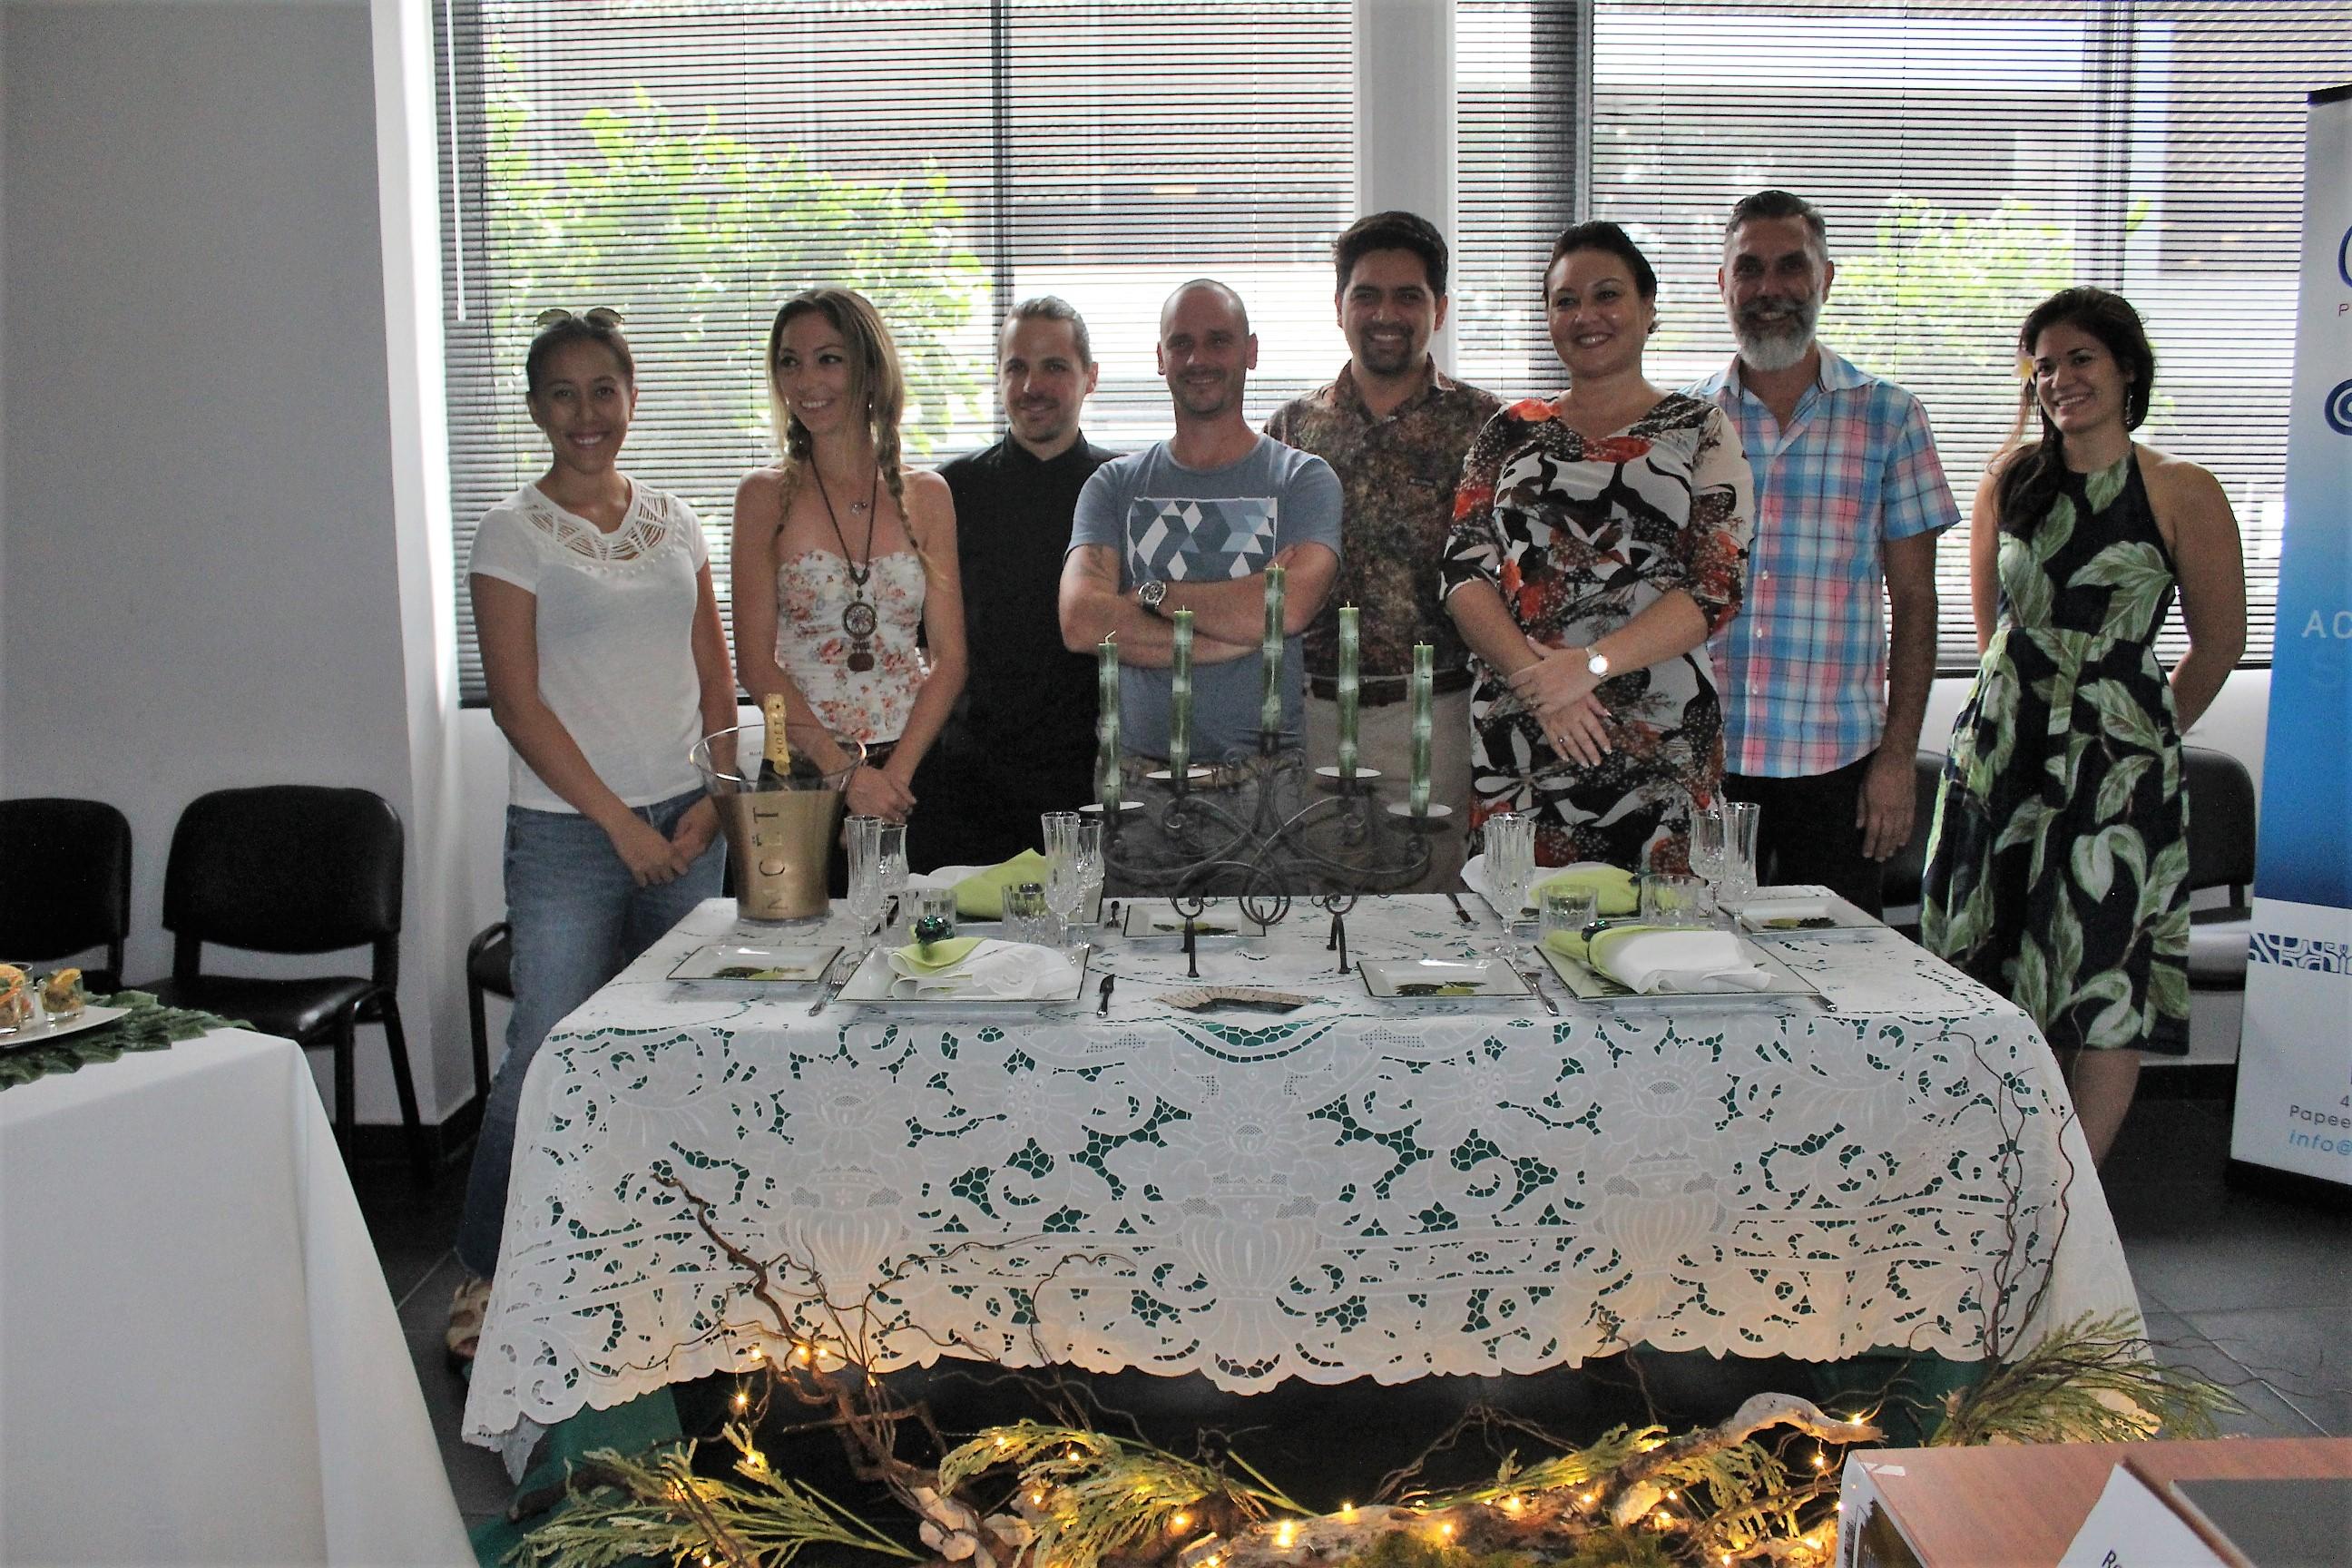 Les équipes de l'Atelier de Beverly, du restaurant O Belvédère, de la Chambre de Commerce, d'Industrie, des Services et des Métiers, de Earth Hour Tahiti et de AB&B Consulting.